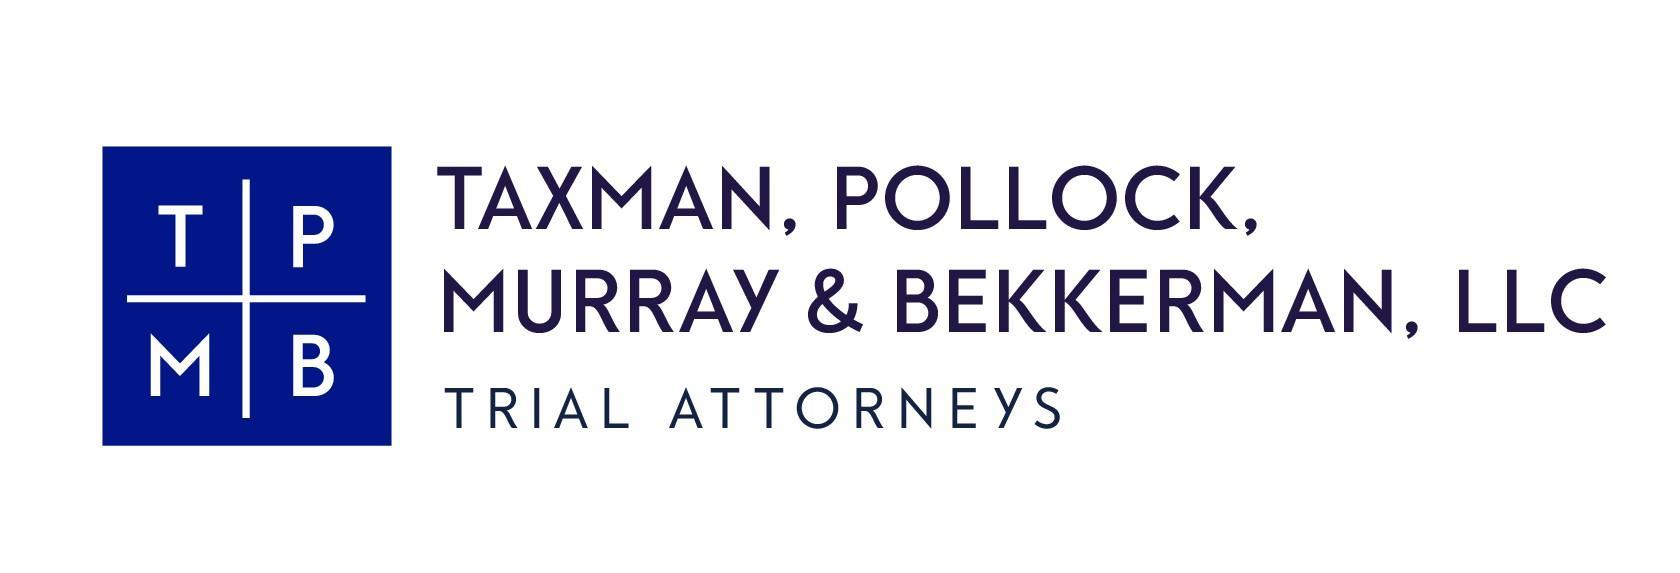 Taxman, Pollock, Murray & Bekkerman, LLC image 0